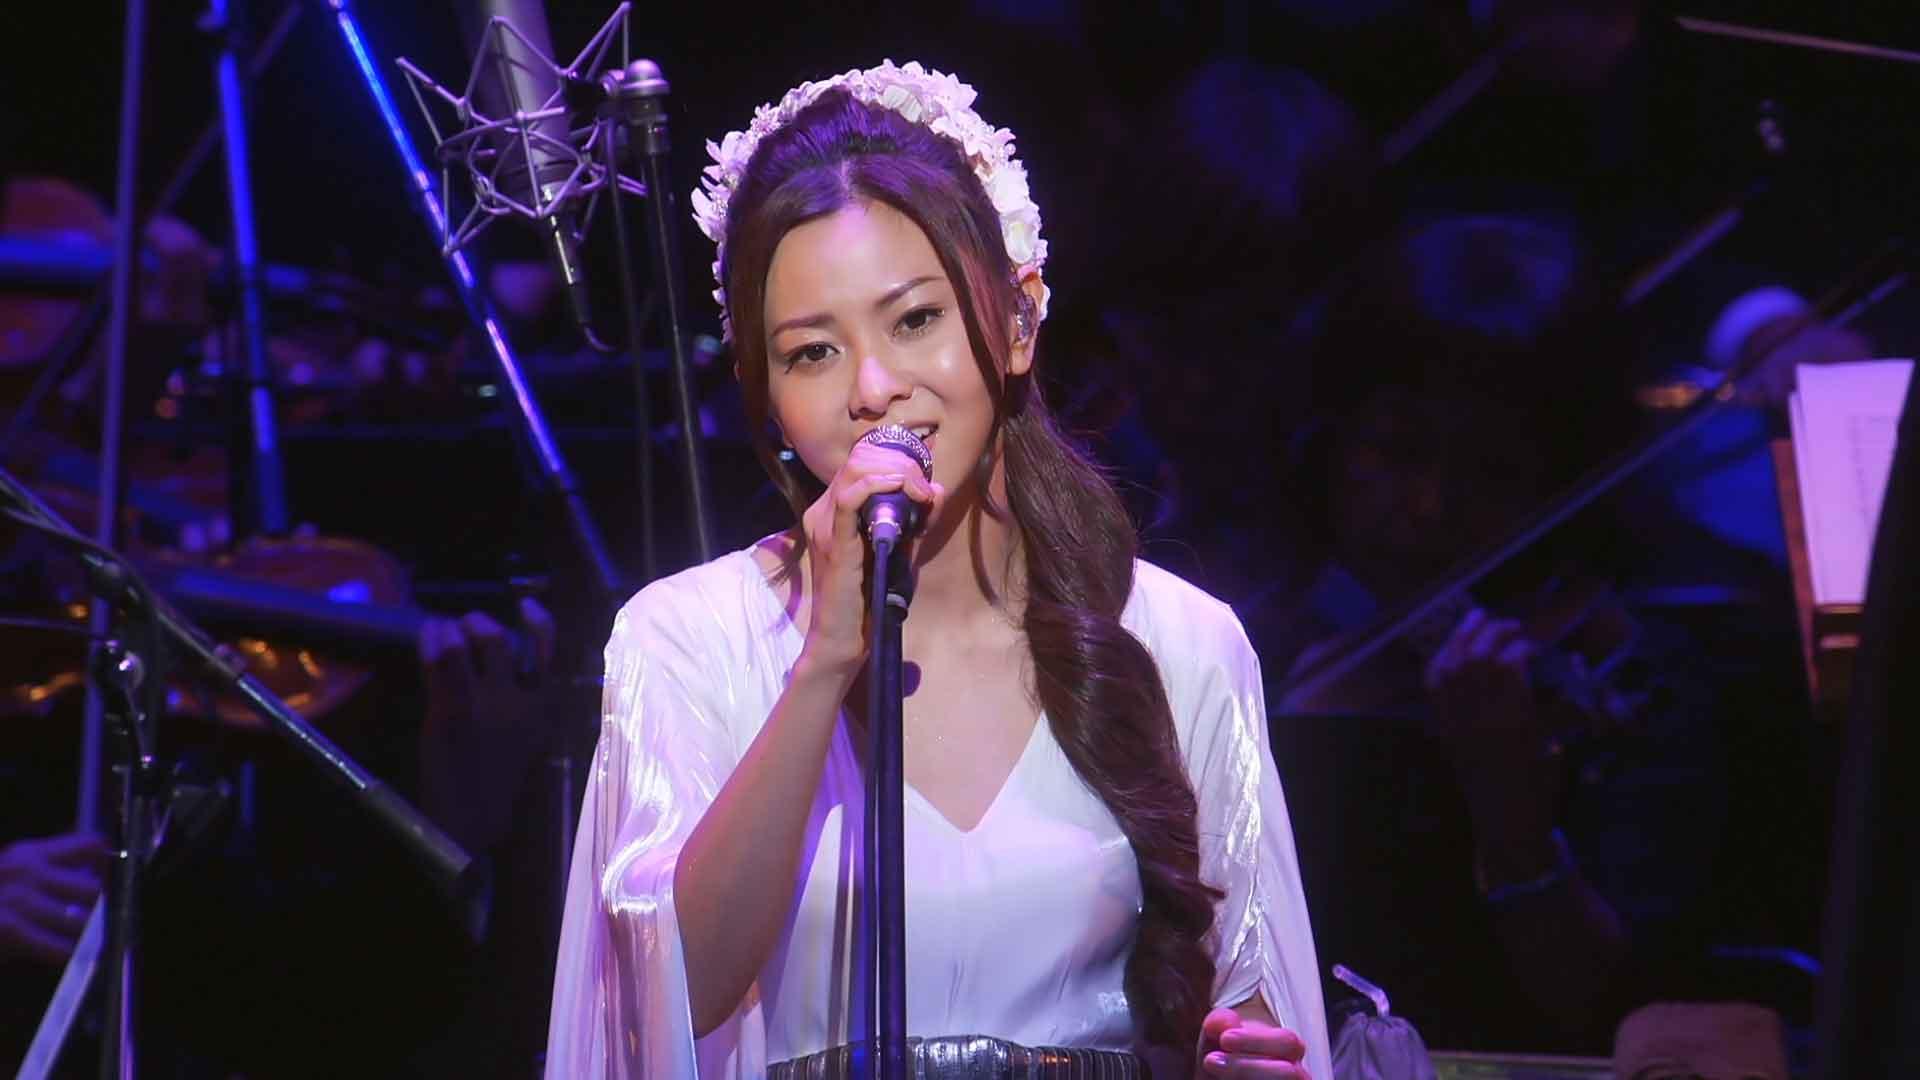 [蓝光原盘] 仓木麻衣Mai Kuraki Symphonic Live -Opus 3 交响乐演唱会《BDMV 38.5G》